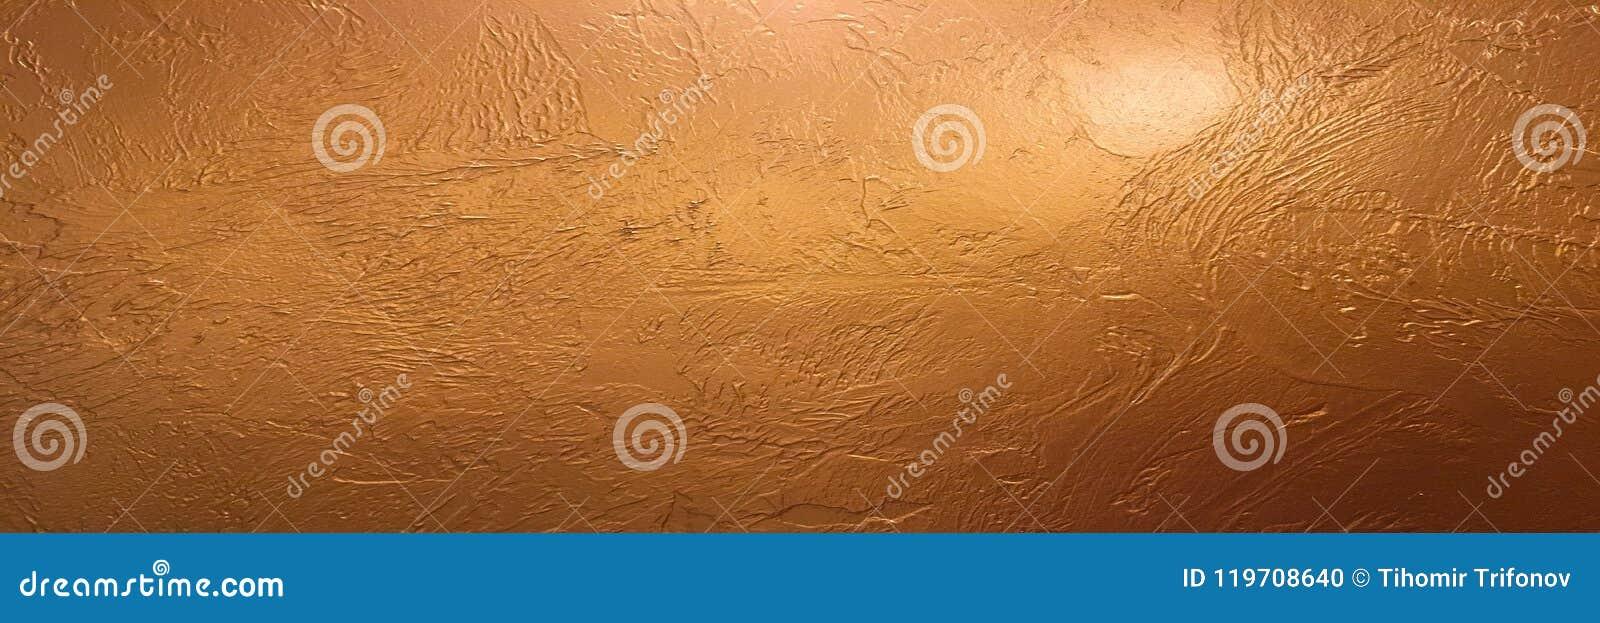 Χρυσή υπόβαθρο ή σύσταση και σκιά κλίσεων Λαμπρό κίτρινο υπόβαθρο σύστασης φύλλων αλουμινίου φύλλων χρυσό Το χρυσό έγγραφο υποβάθ